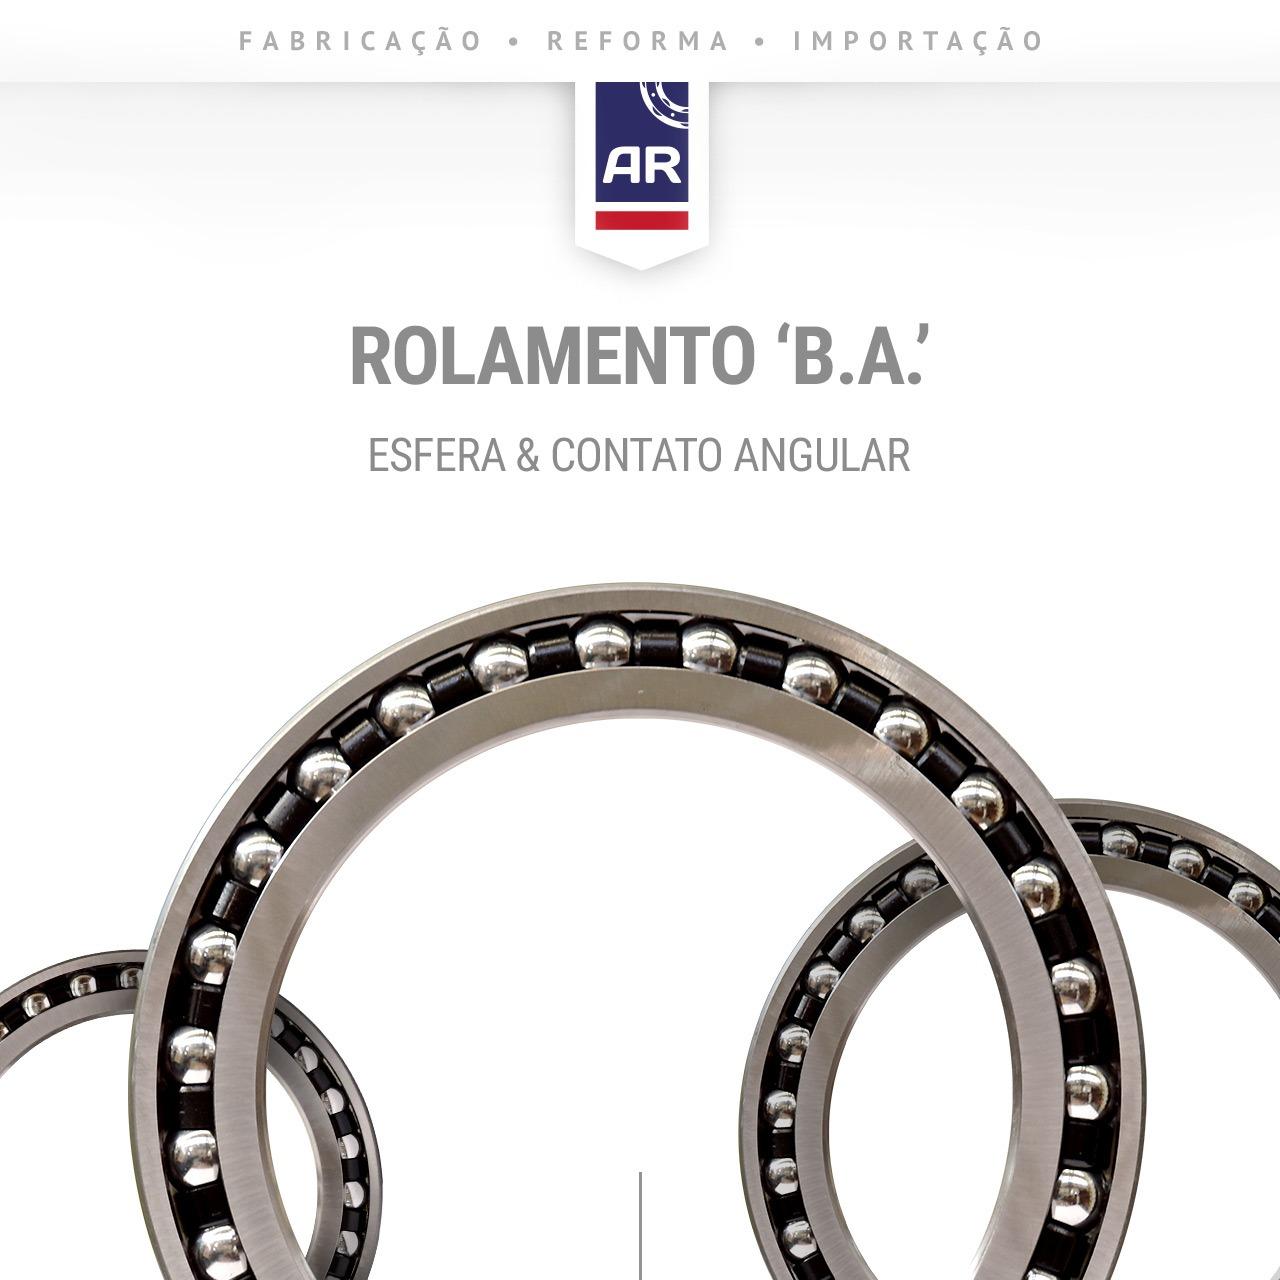 rolamento-ba-contato-angular-eferas